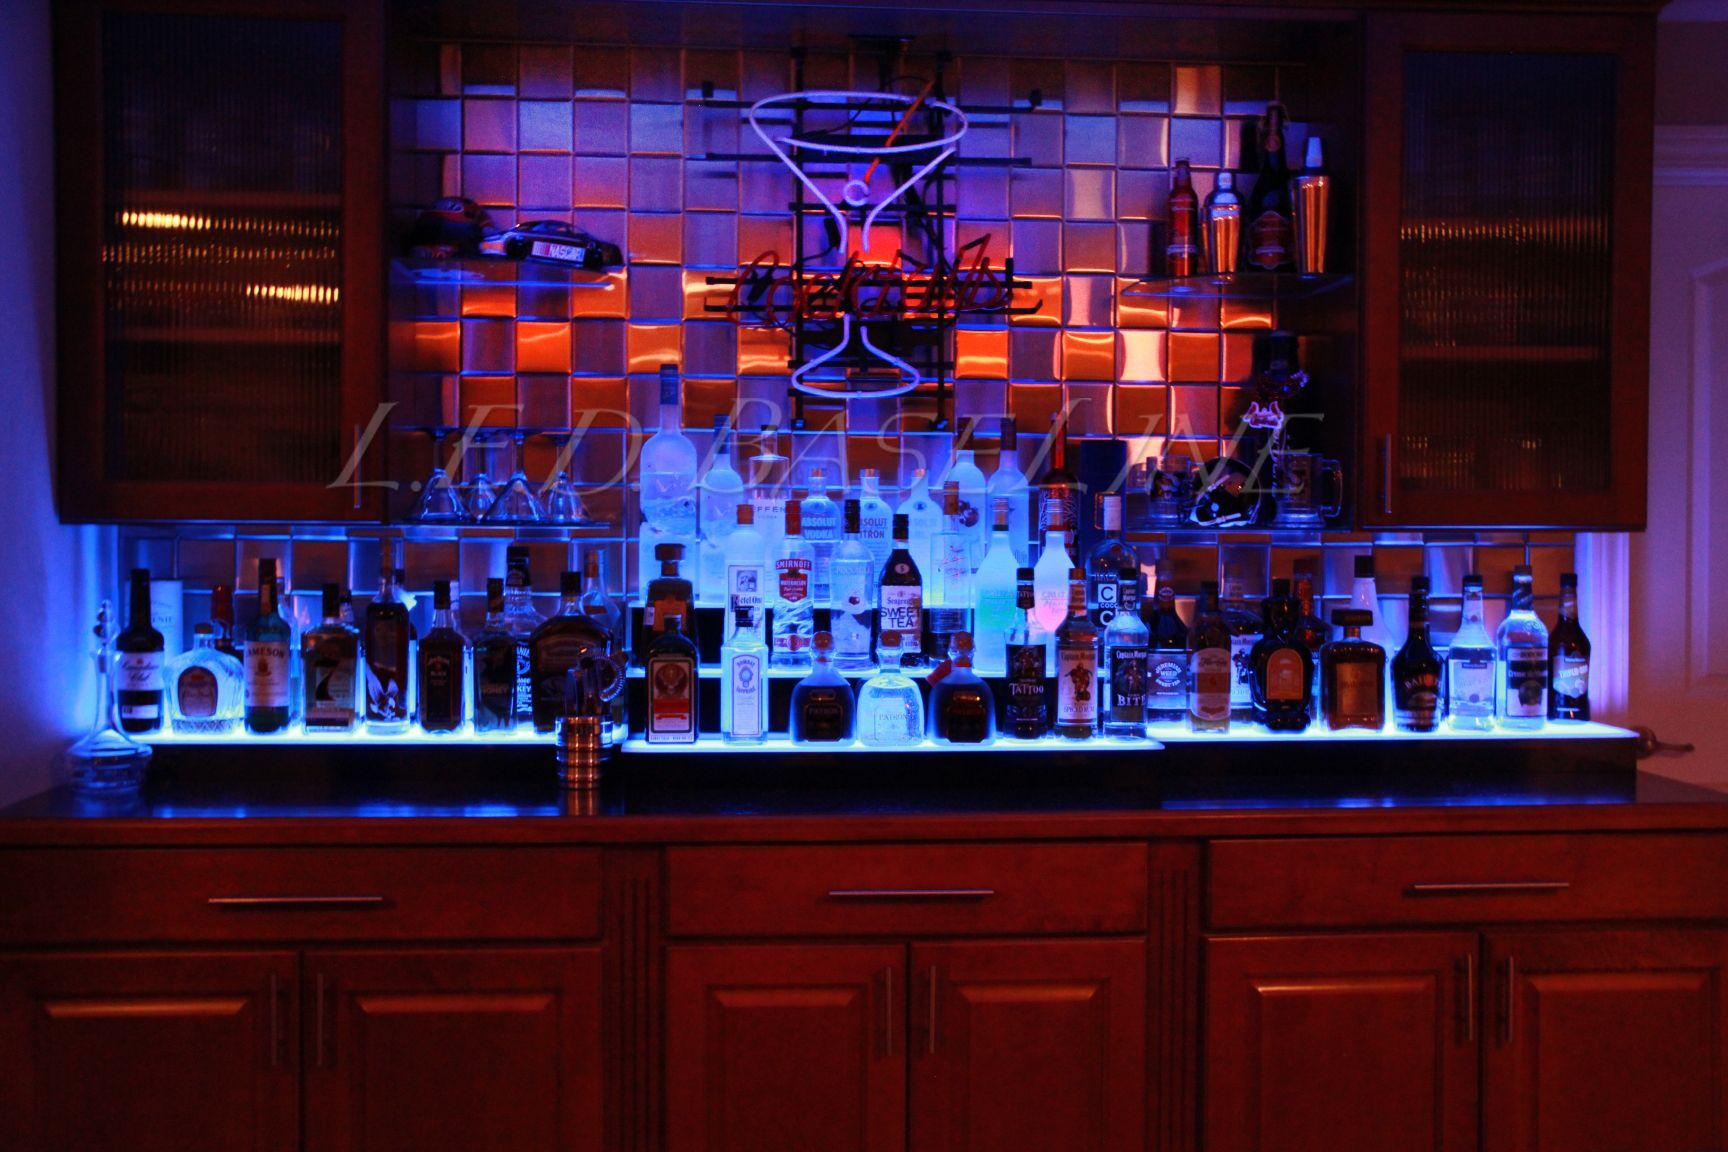 Home bar lighting - Home Bar Bar Decor Custom Lighted Bar Shelf Bottle Illumination L E D Lighting